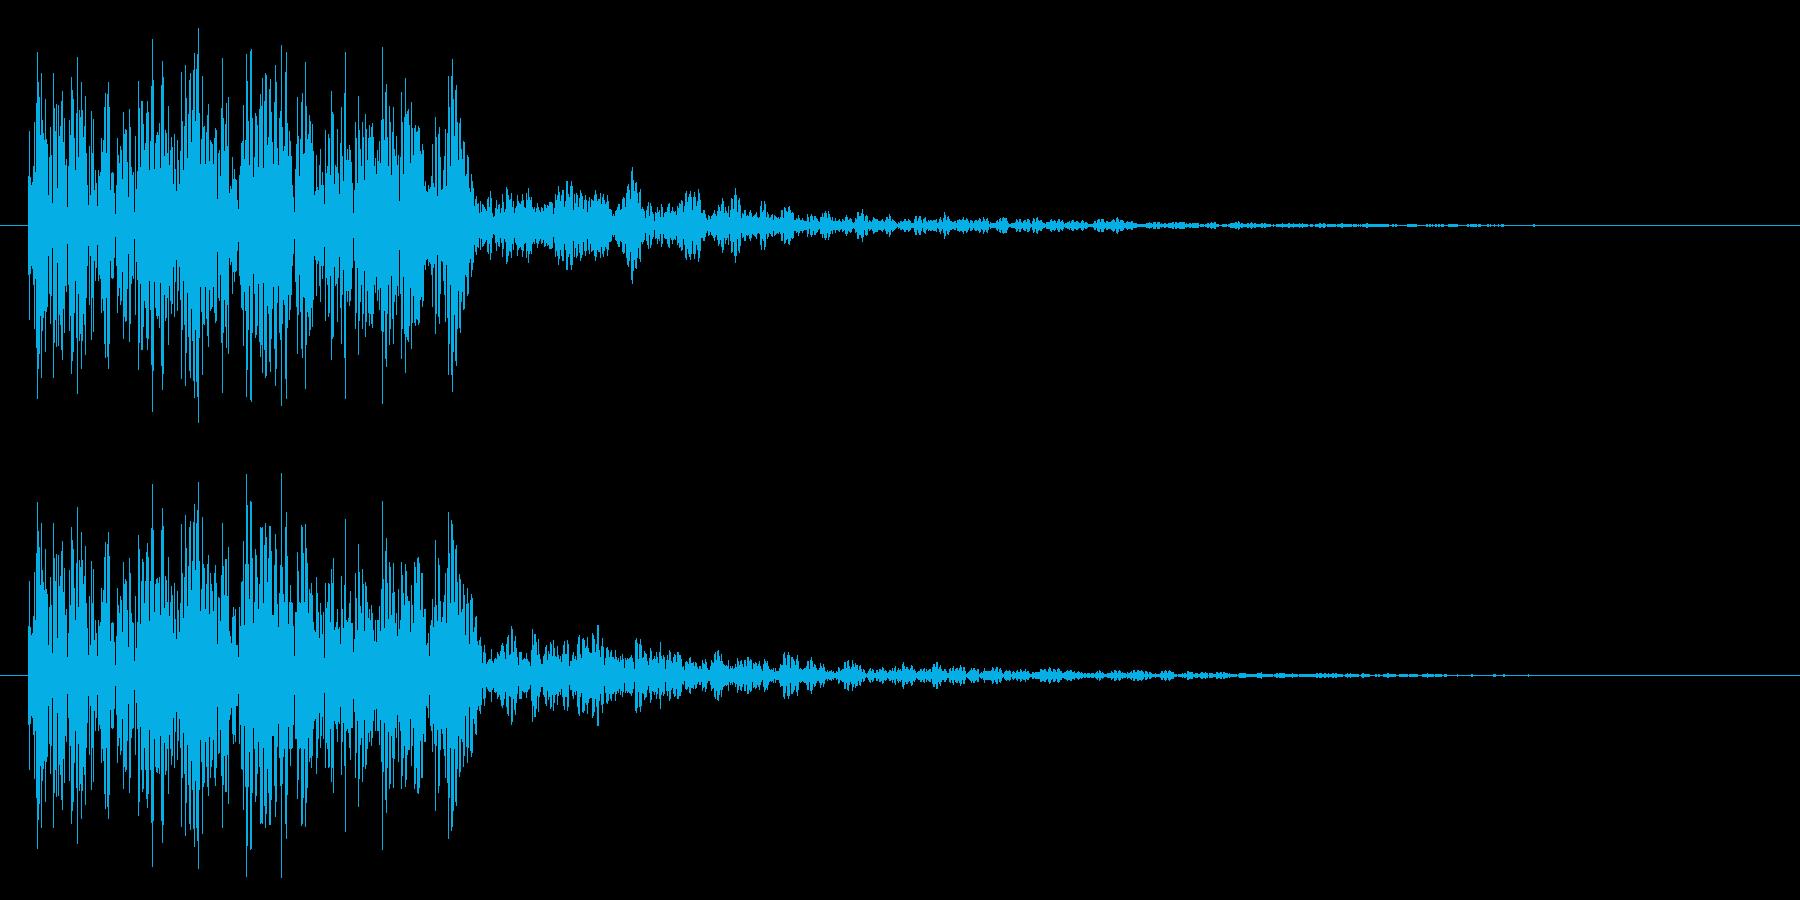 巨人の足音ーC ドーン 衝撃 爆発 攻撃の再生済みの波形